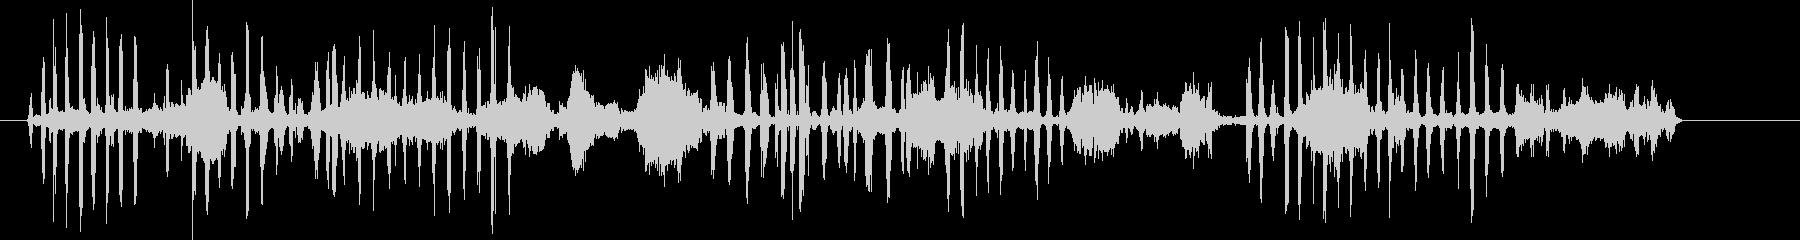 アザラシ、ケープファーバーク、鳴き...の未再生の波形